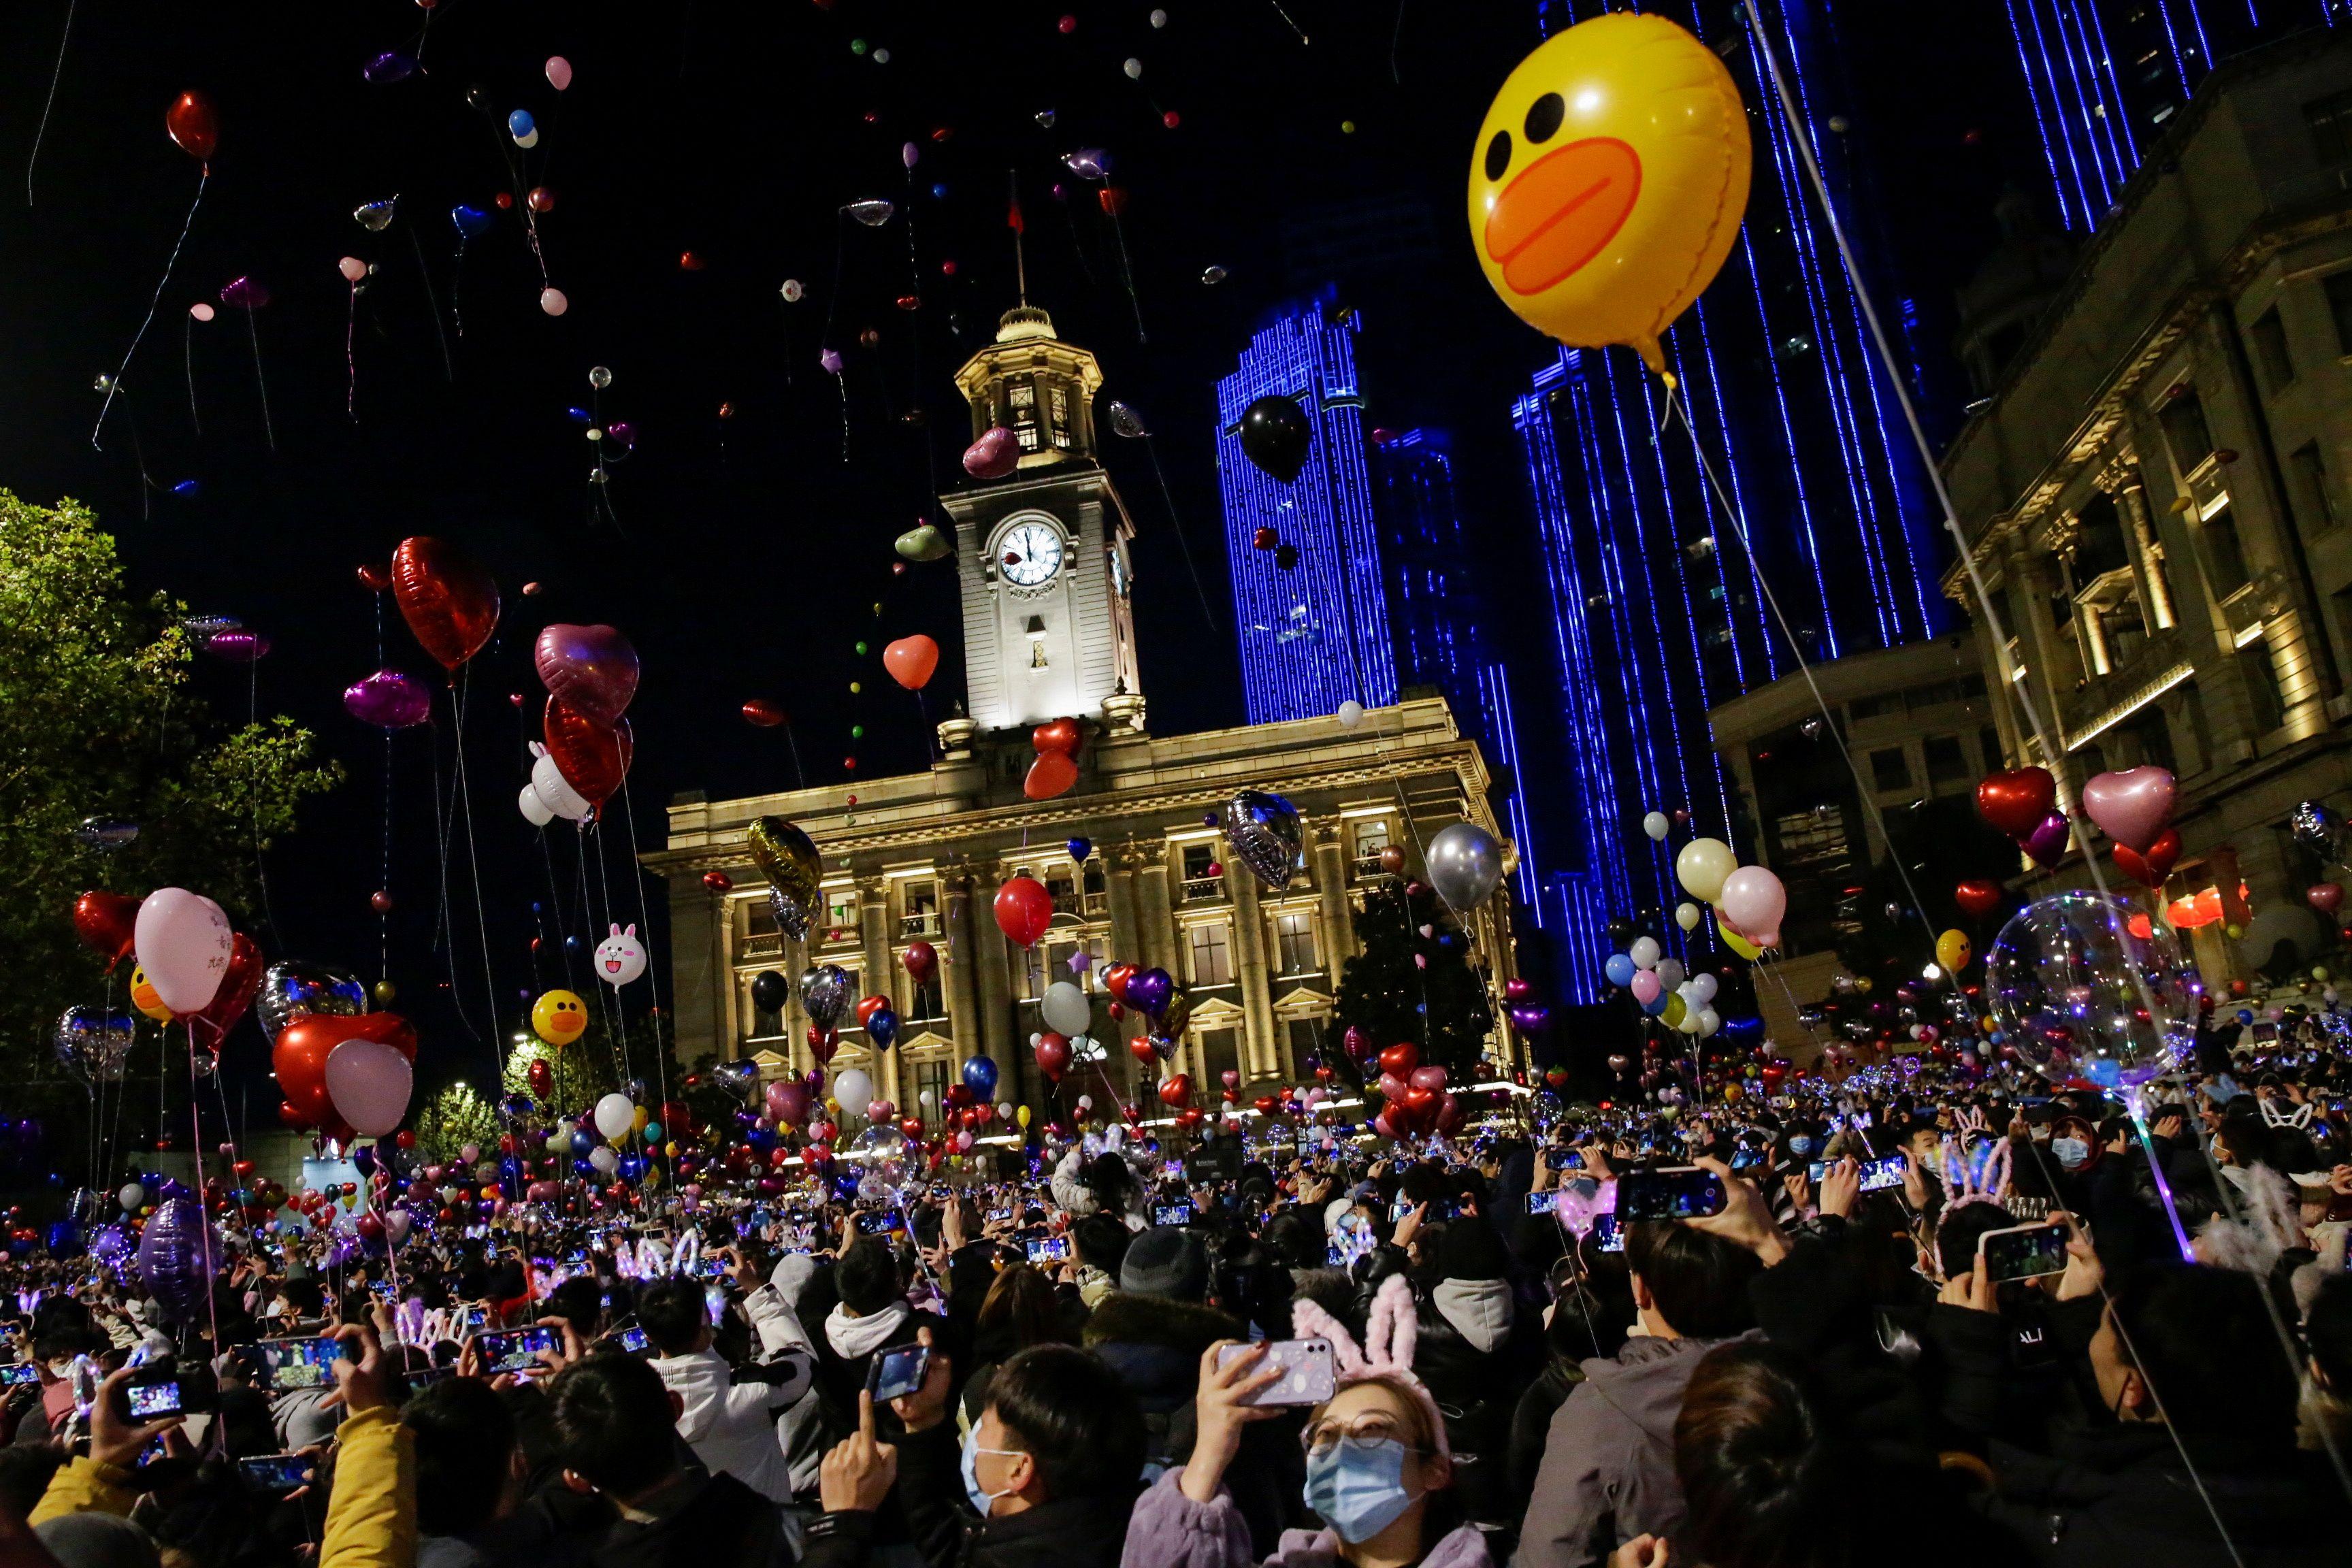 """أطلق العديد من الناس بالونات في الهواء وهتفوا """"سنة جديدة سعيدة"""""""